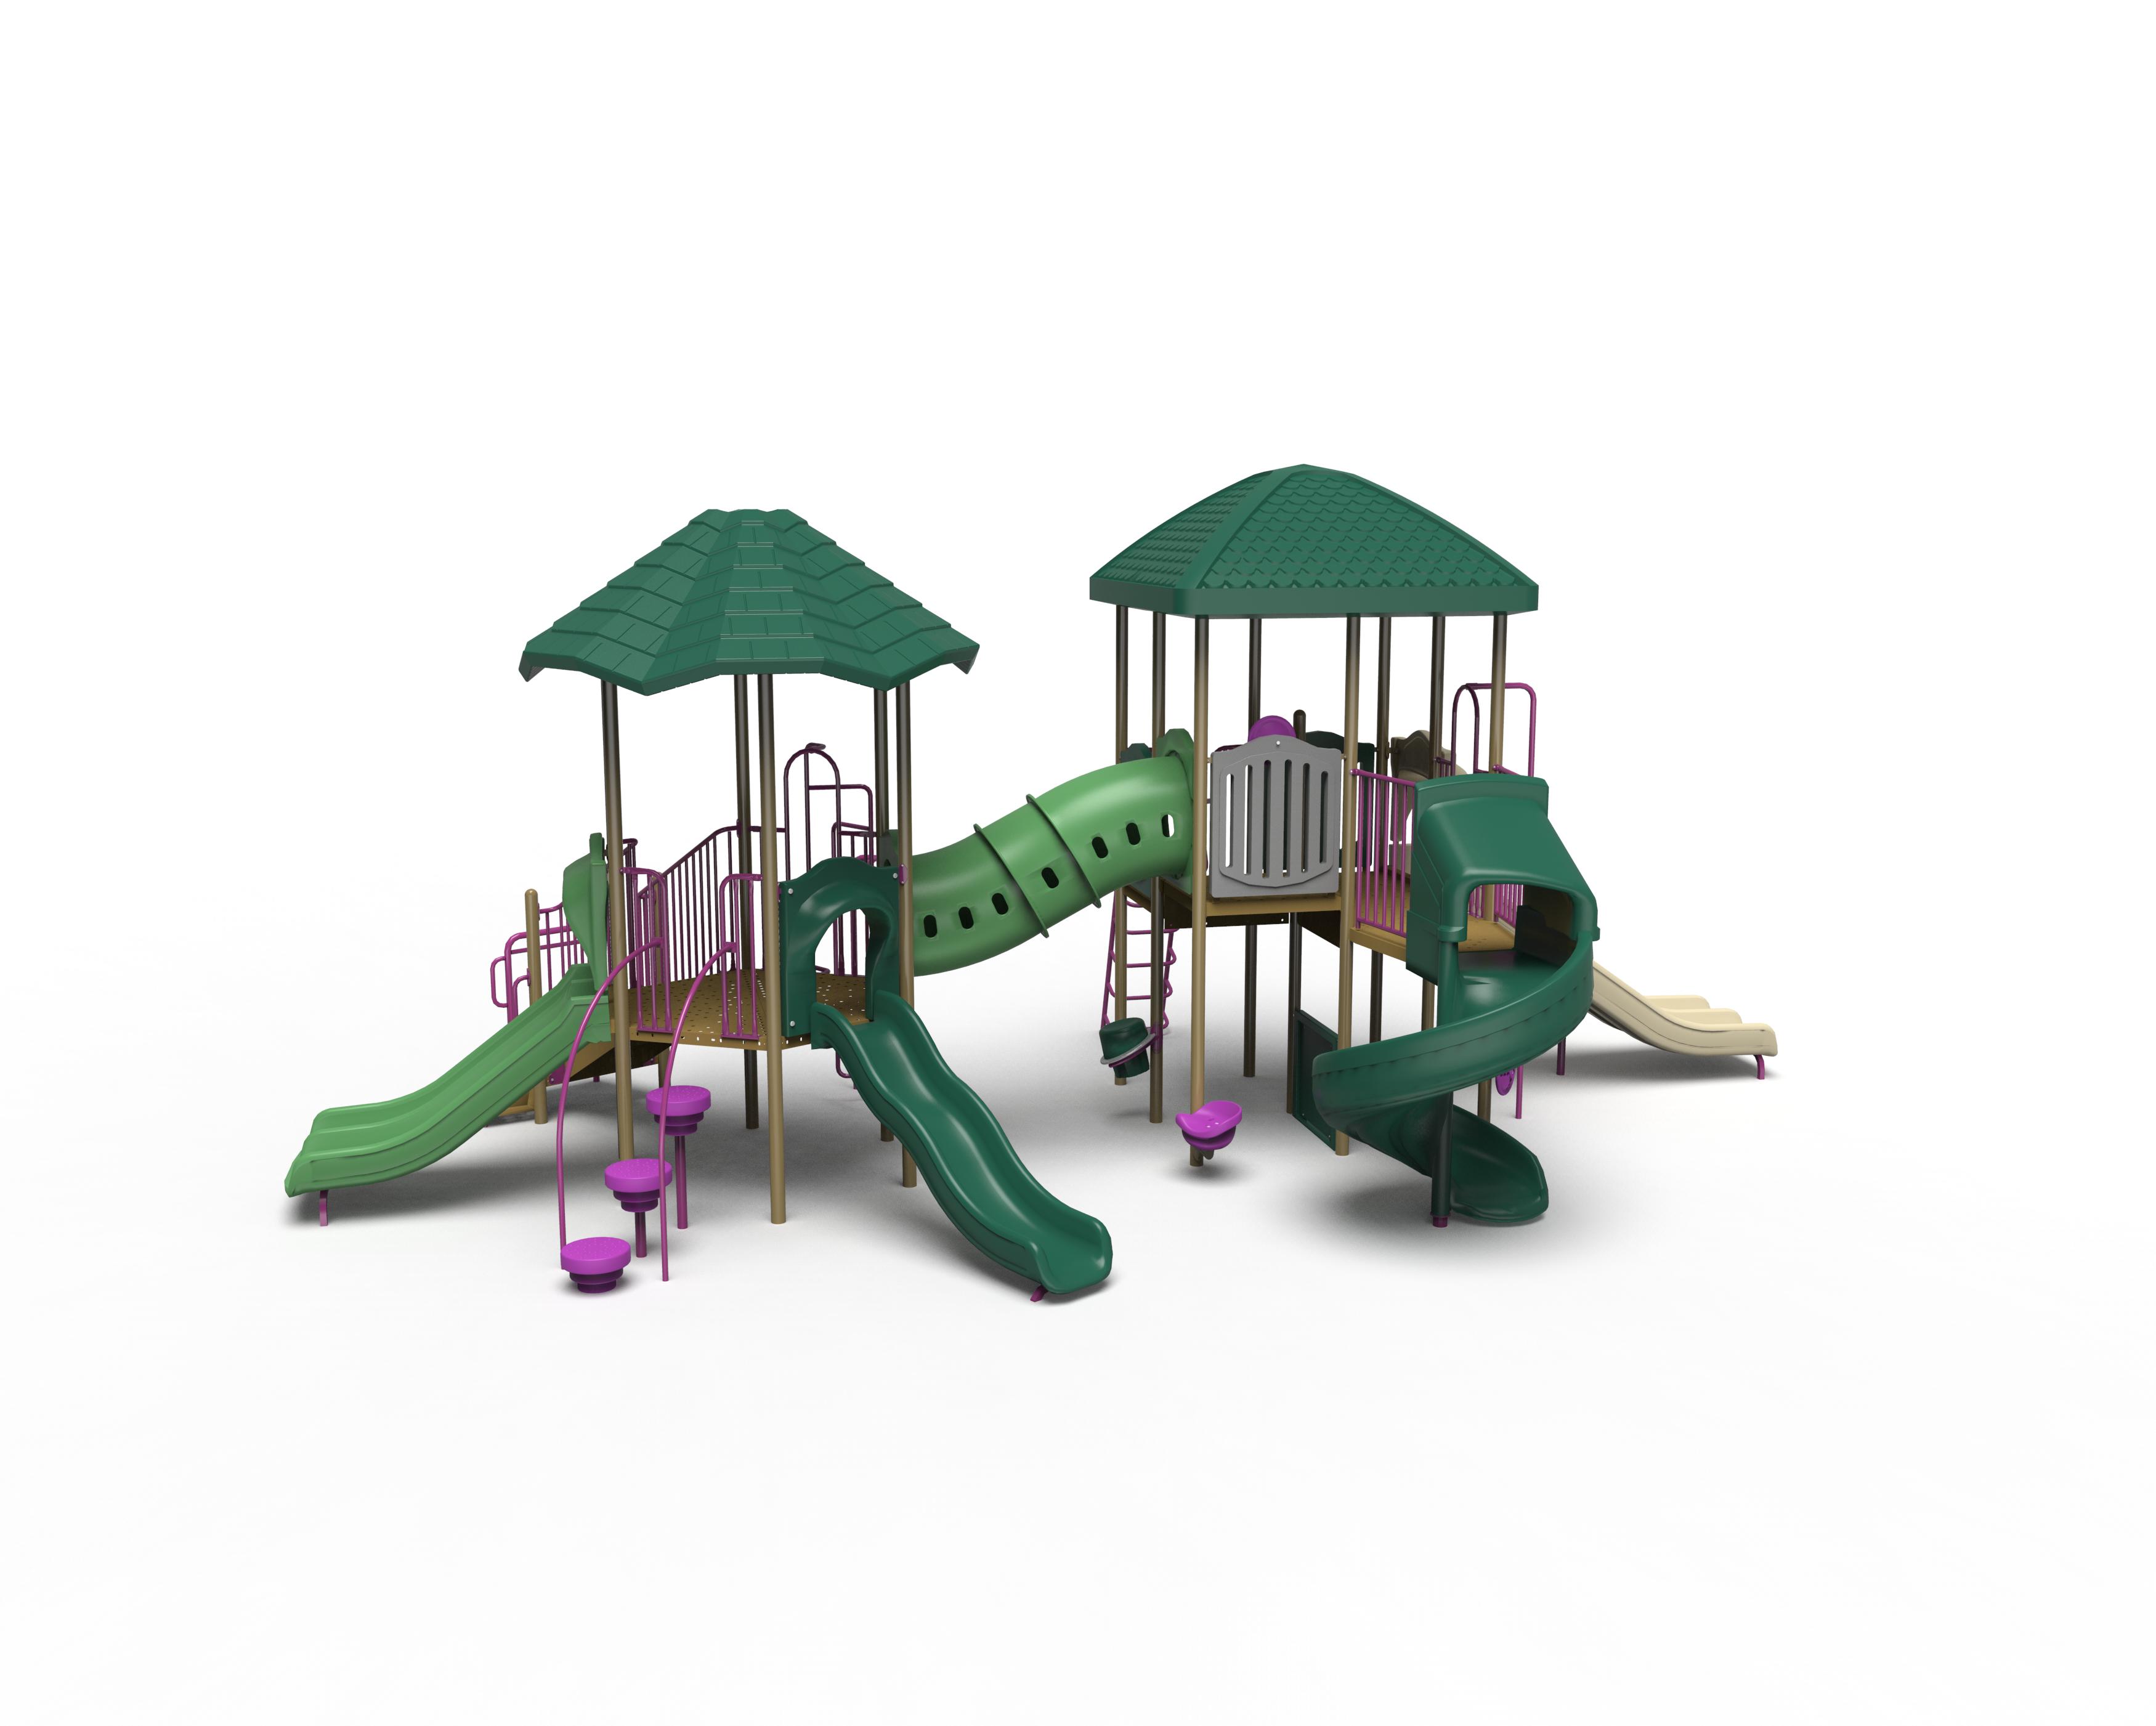 KAWPB72504 (Play Builders) (KAWPB72504)